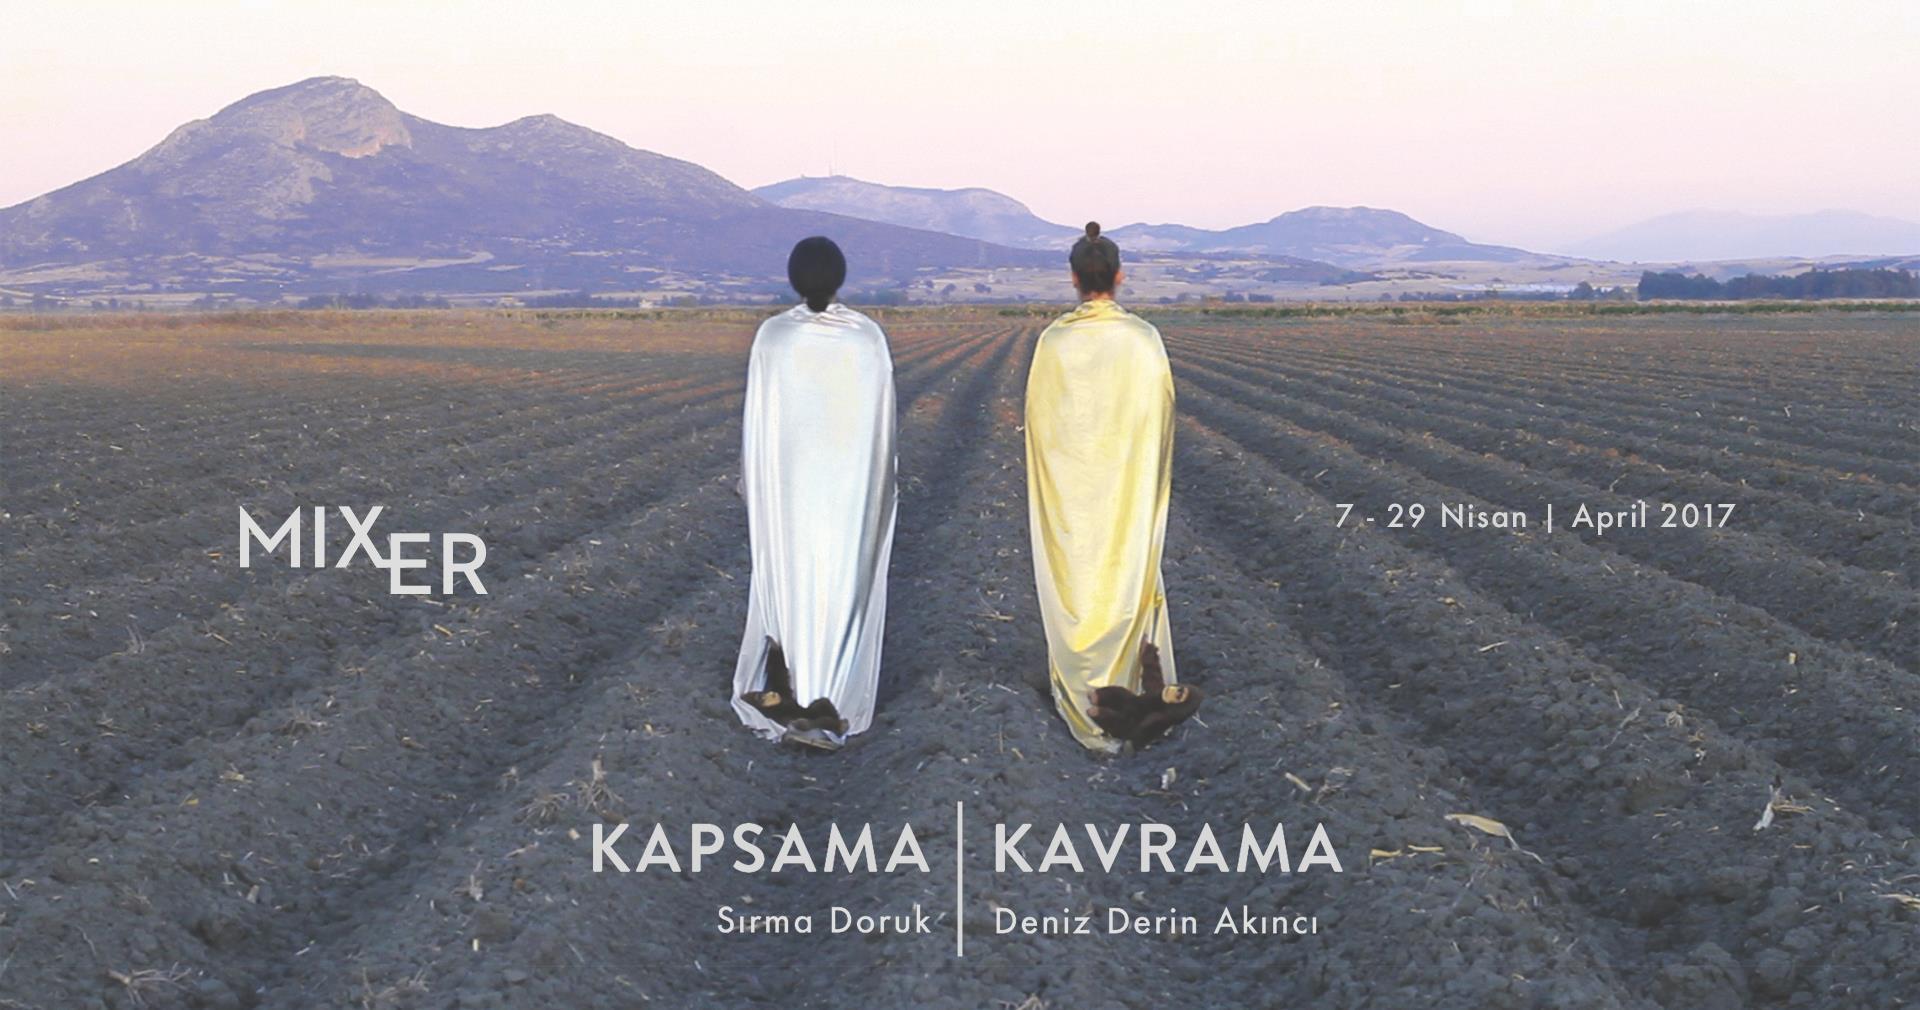 Kapsama / Kavrama, 29 Nisan'a kadar, Mixer